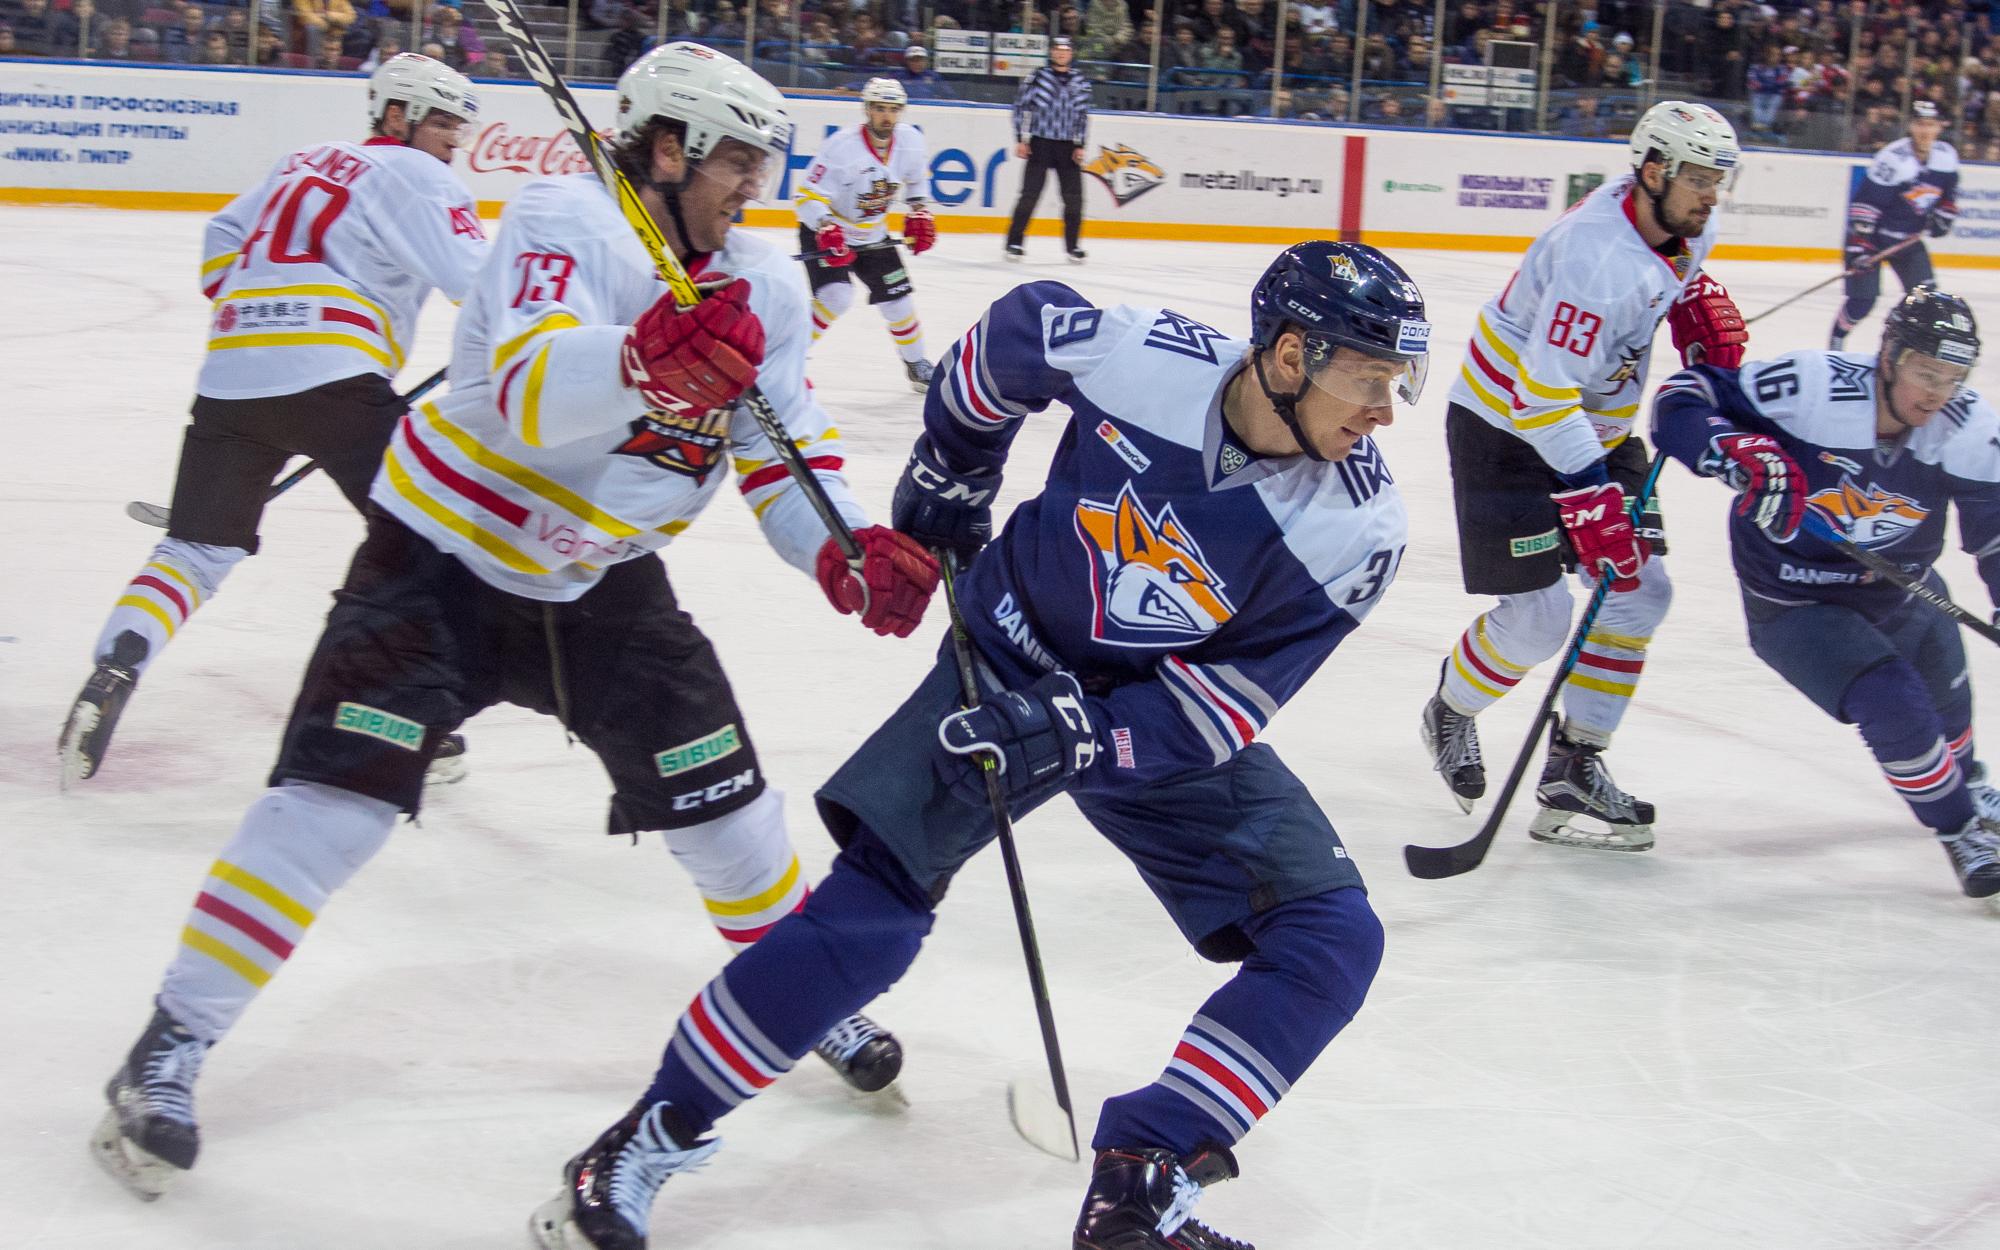 СКА победил «Витязь» впервом матче 1/8 финала плей-офф КХЛ